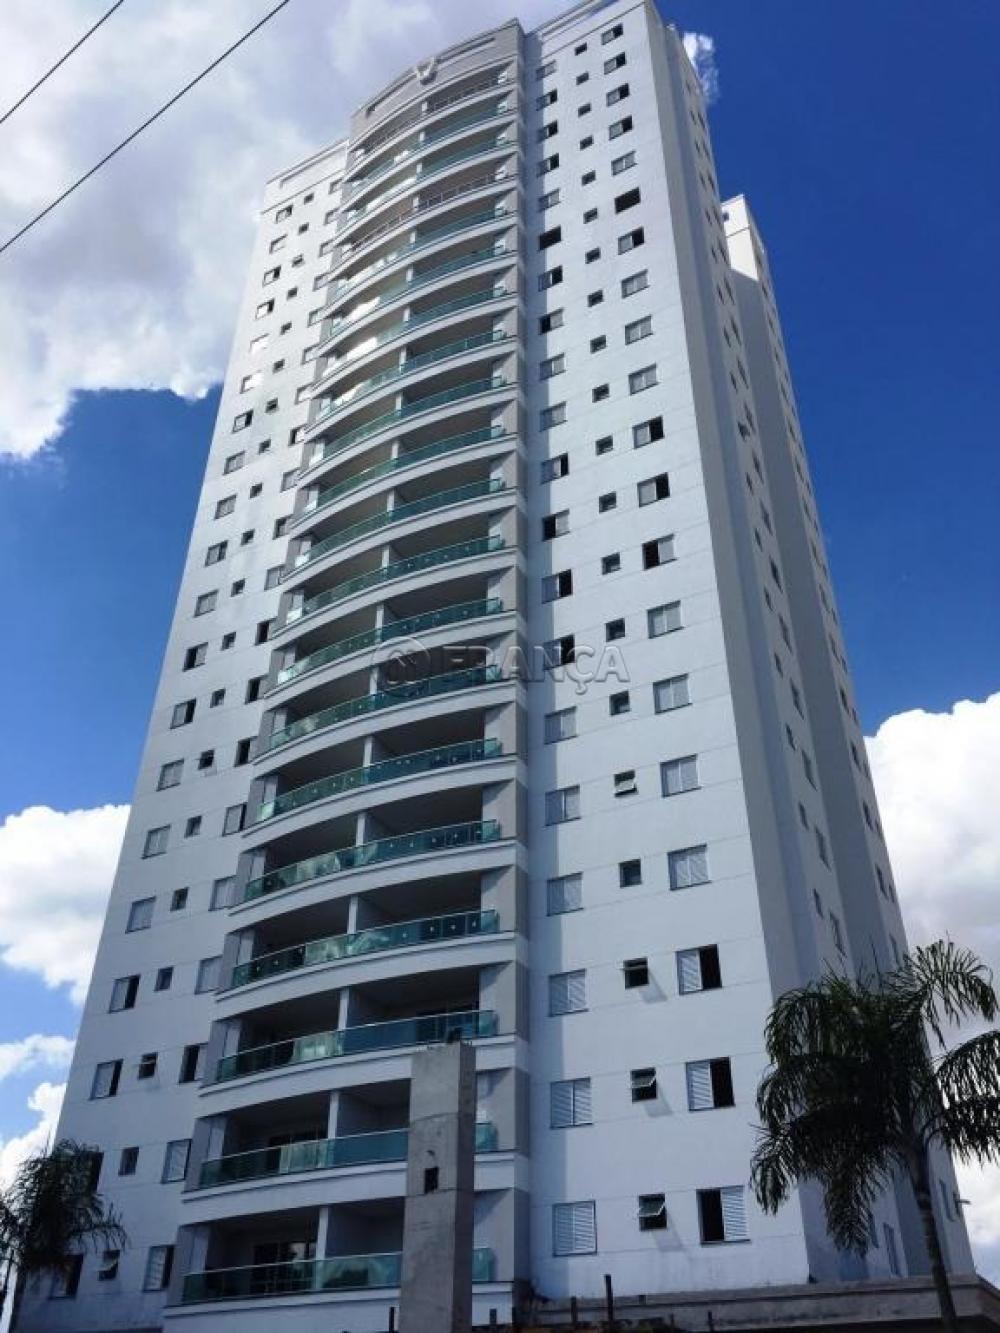 Comprar Apartamento / Padrão em Jacareí apenas R$ 685.000,00 - Foto 1